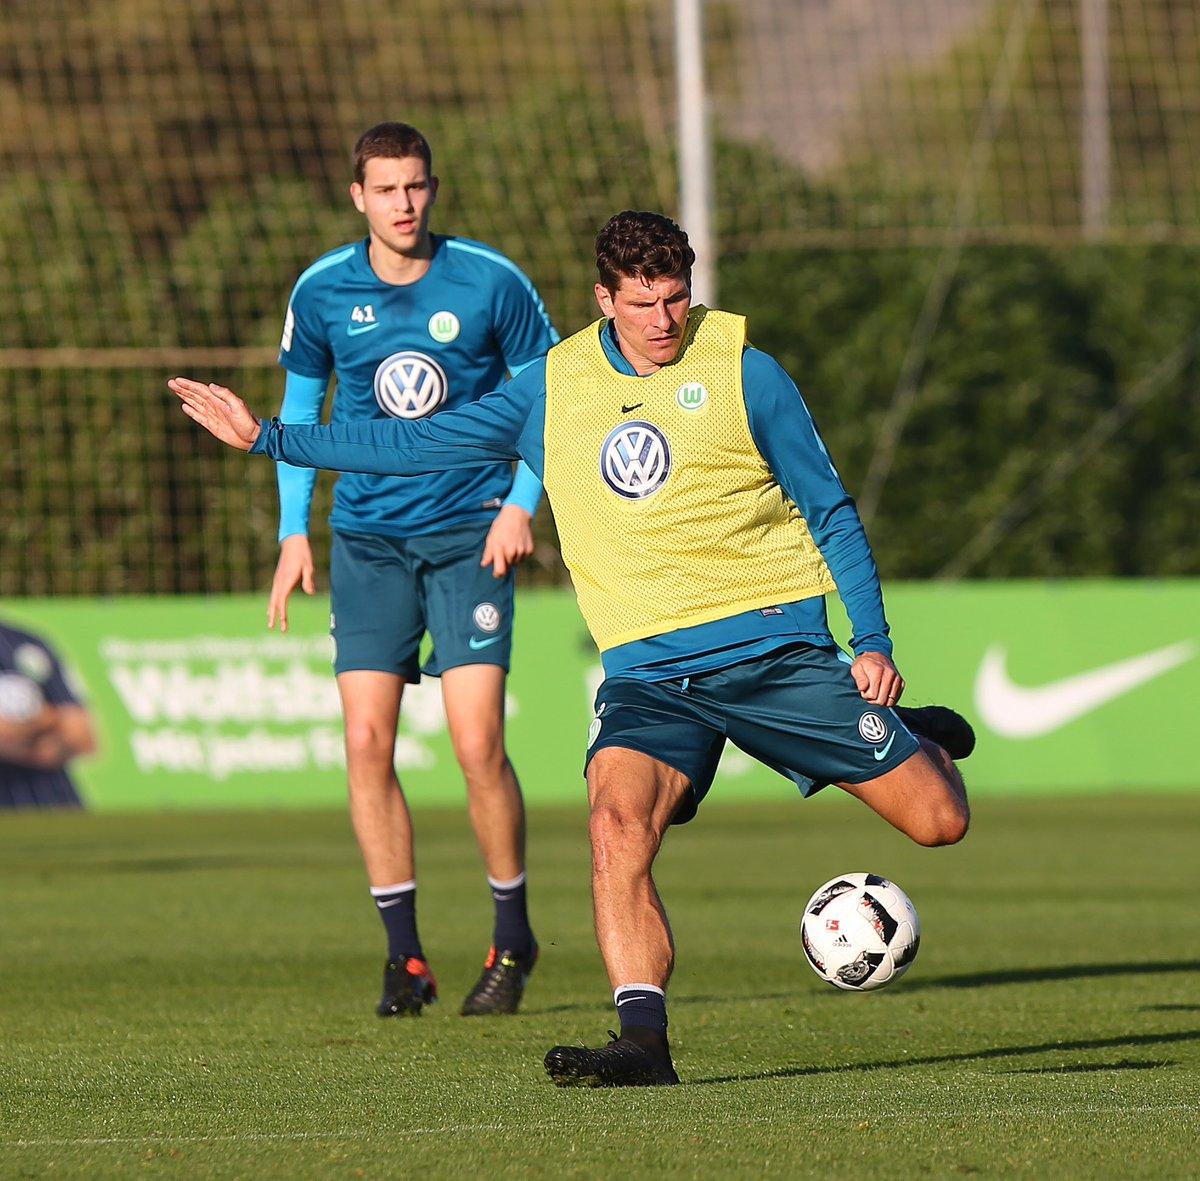 Es war eine gute und harte Vorbereitung! ⚽️💪🏽 Auf eine erfolgreiche Rückrunde!!! @VfL_Wolfsburg #MG33 #comeonwölfe https://t.co/2z7XIxMh4T